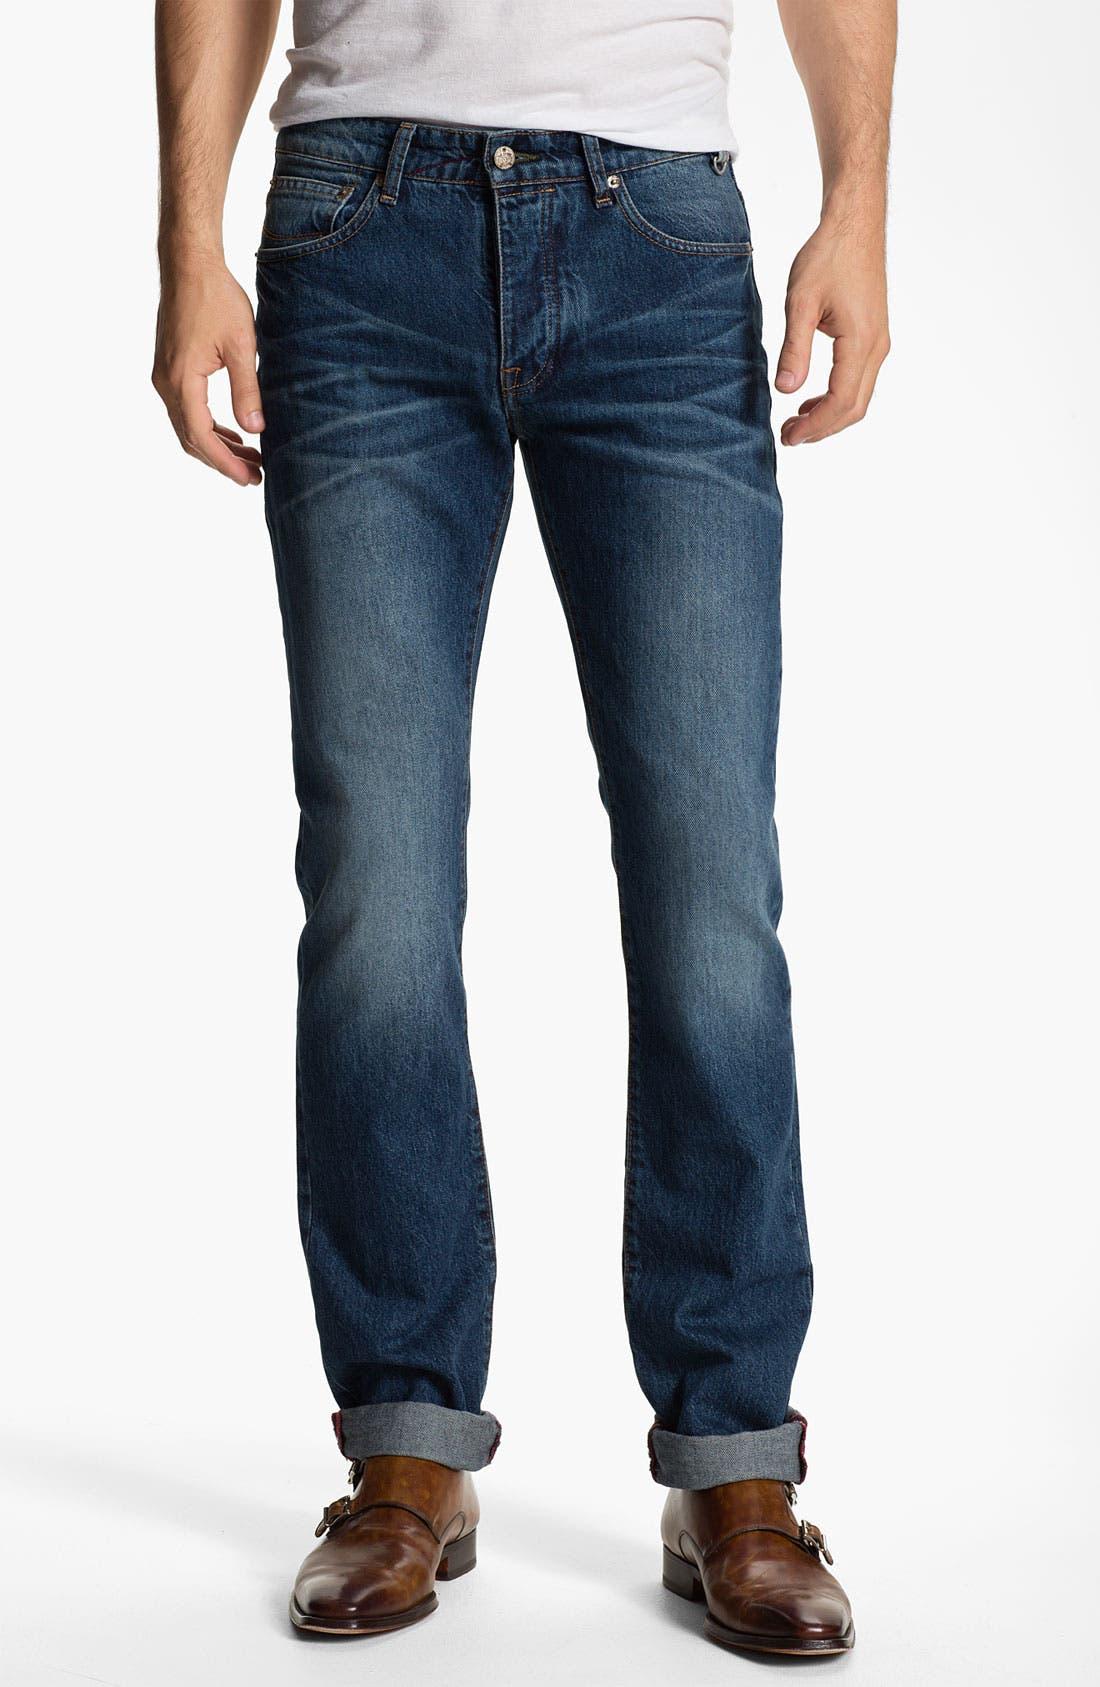 Alternate Image 1 Selected - Ted Baker London 'Slystee' Straight Leg Jeans (Light)